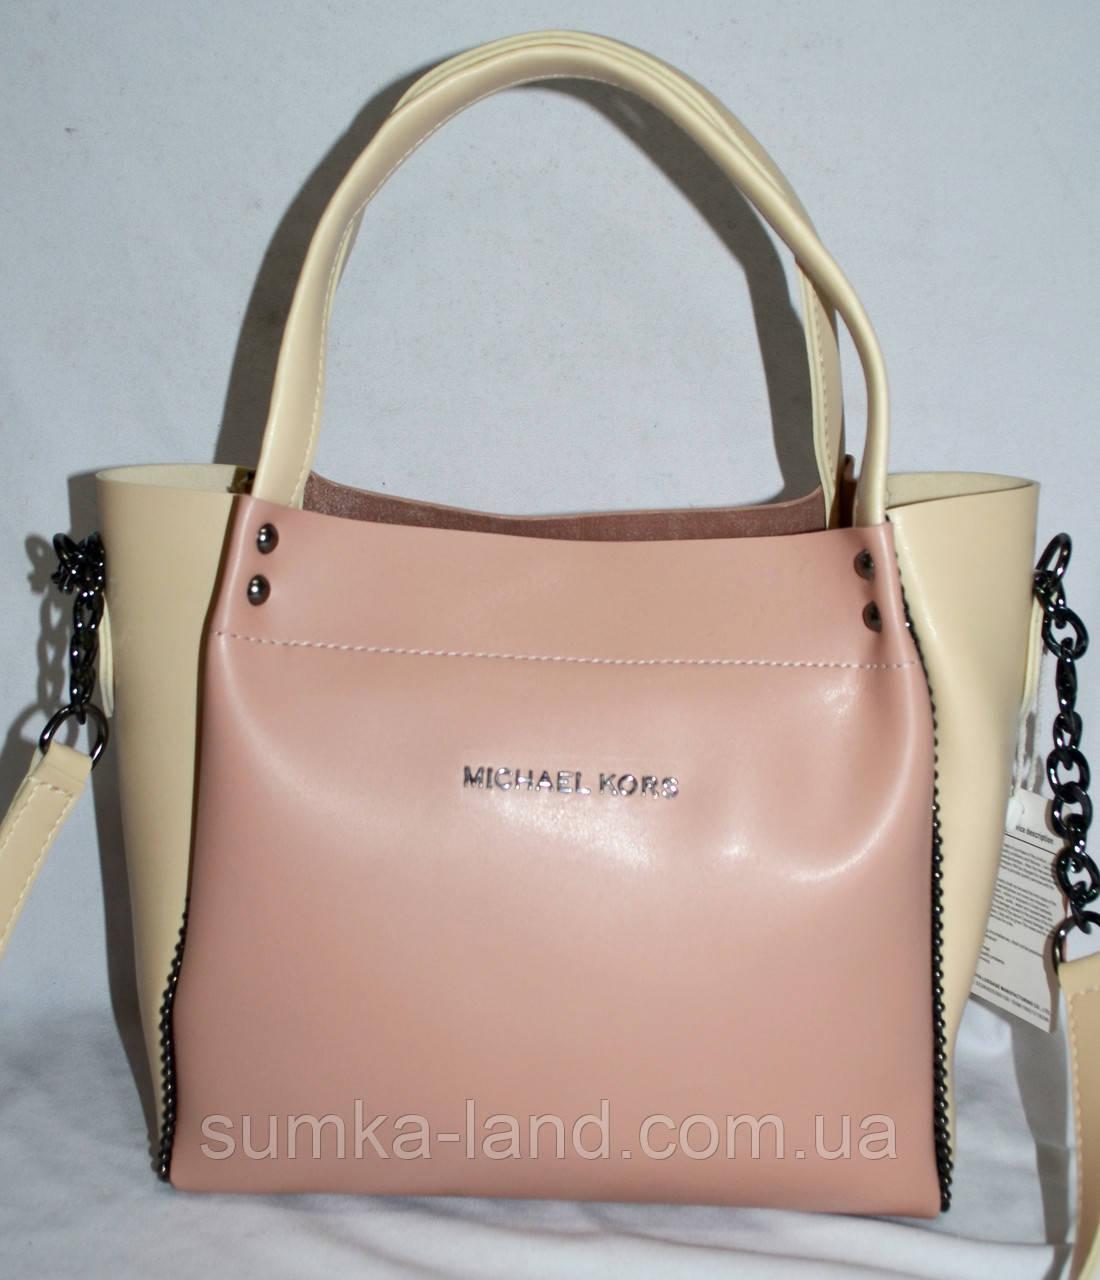 Женская сумка Michael Kors с бусинками по бокам пудровая с бежевым 26*23 см